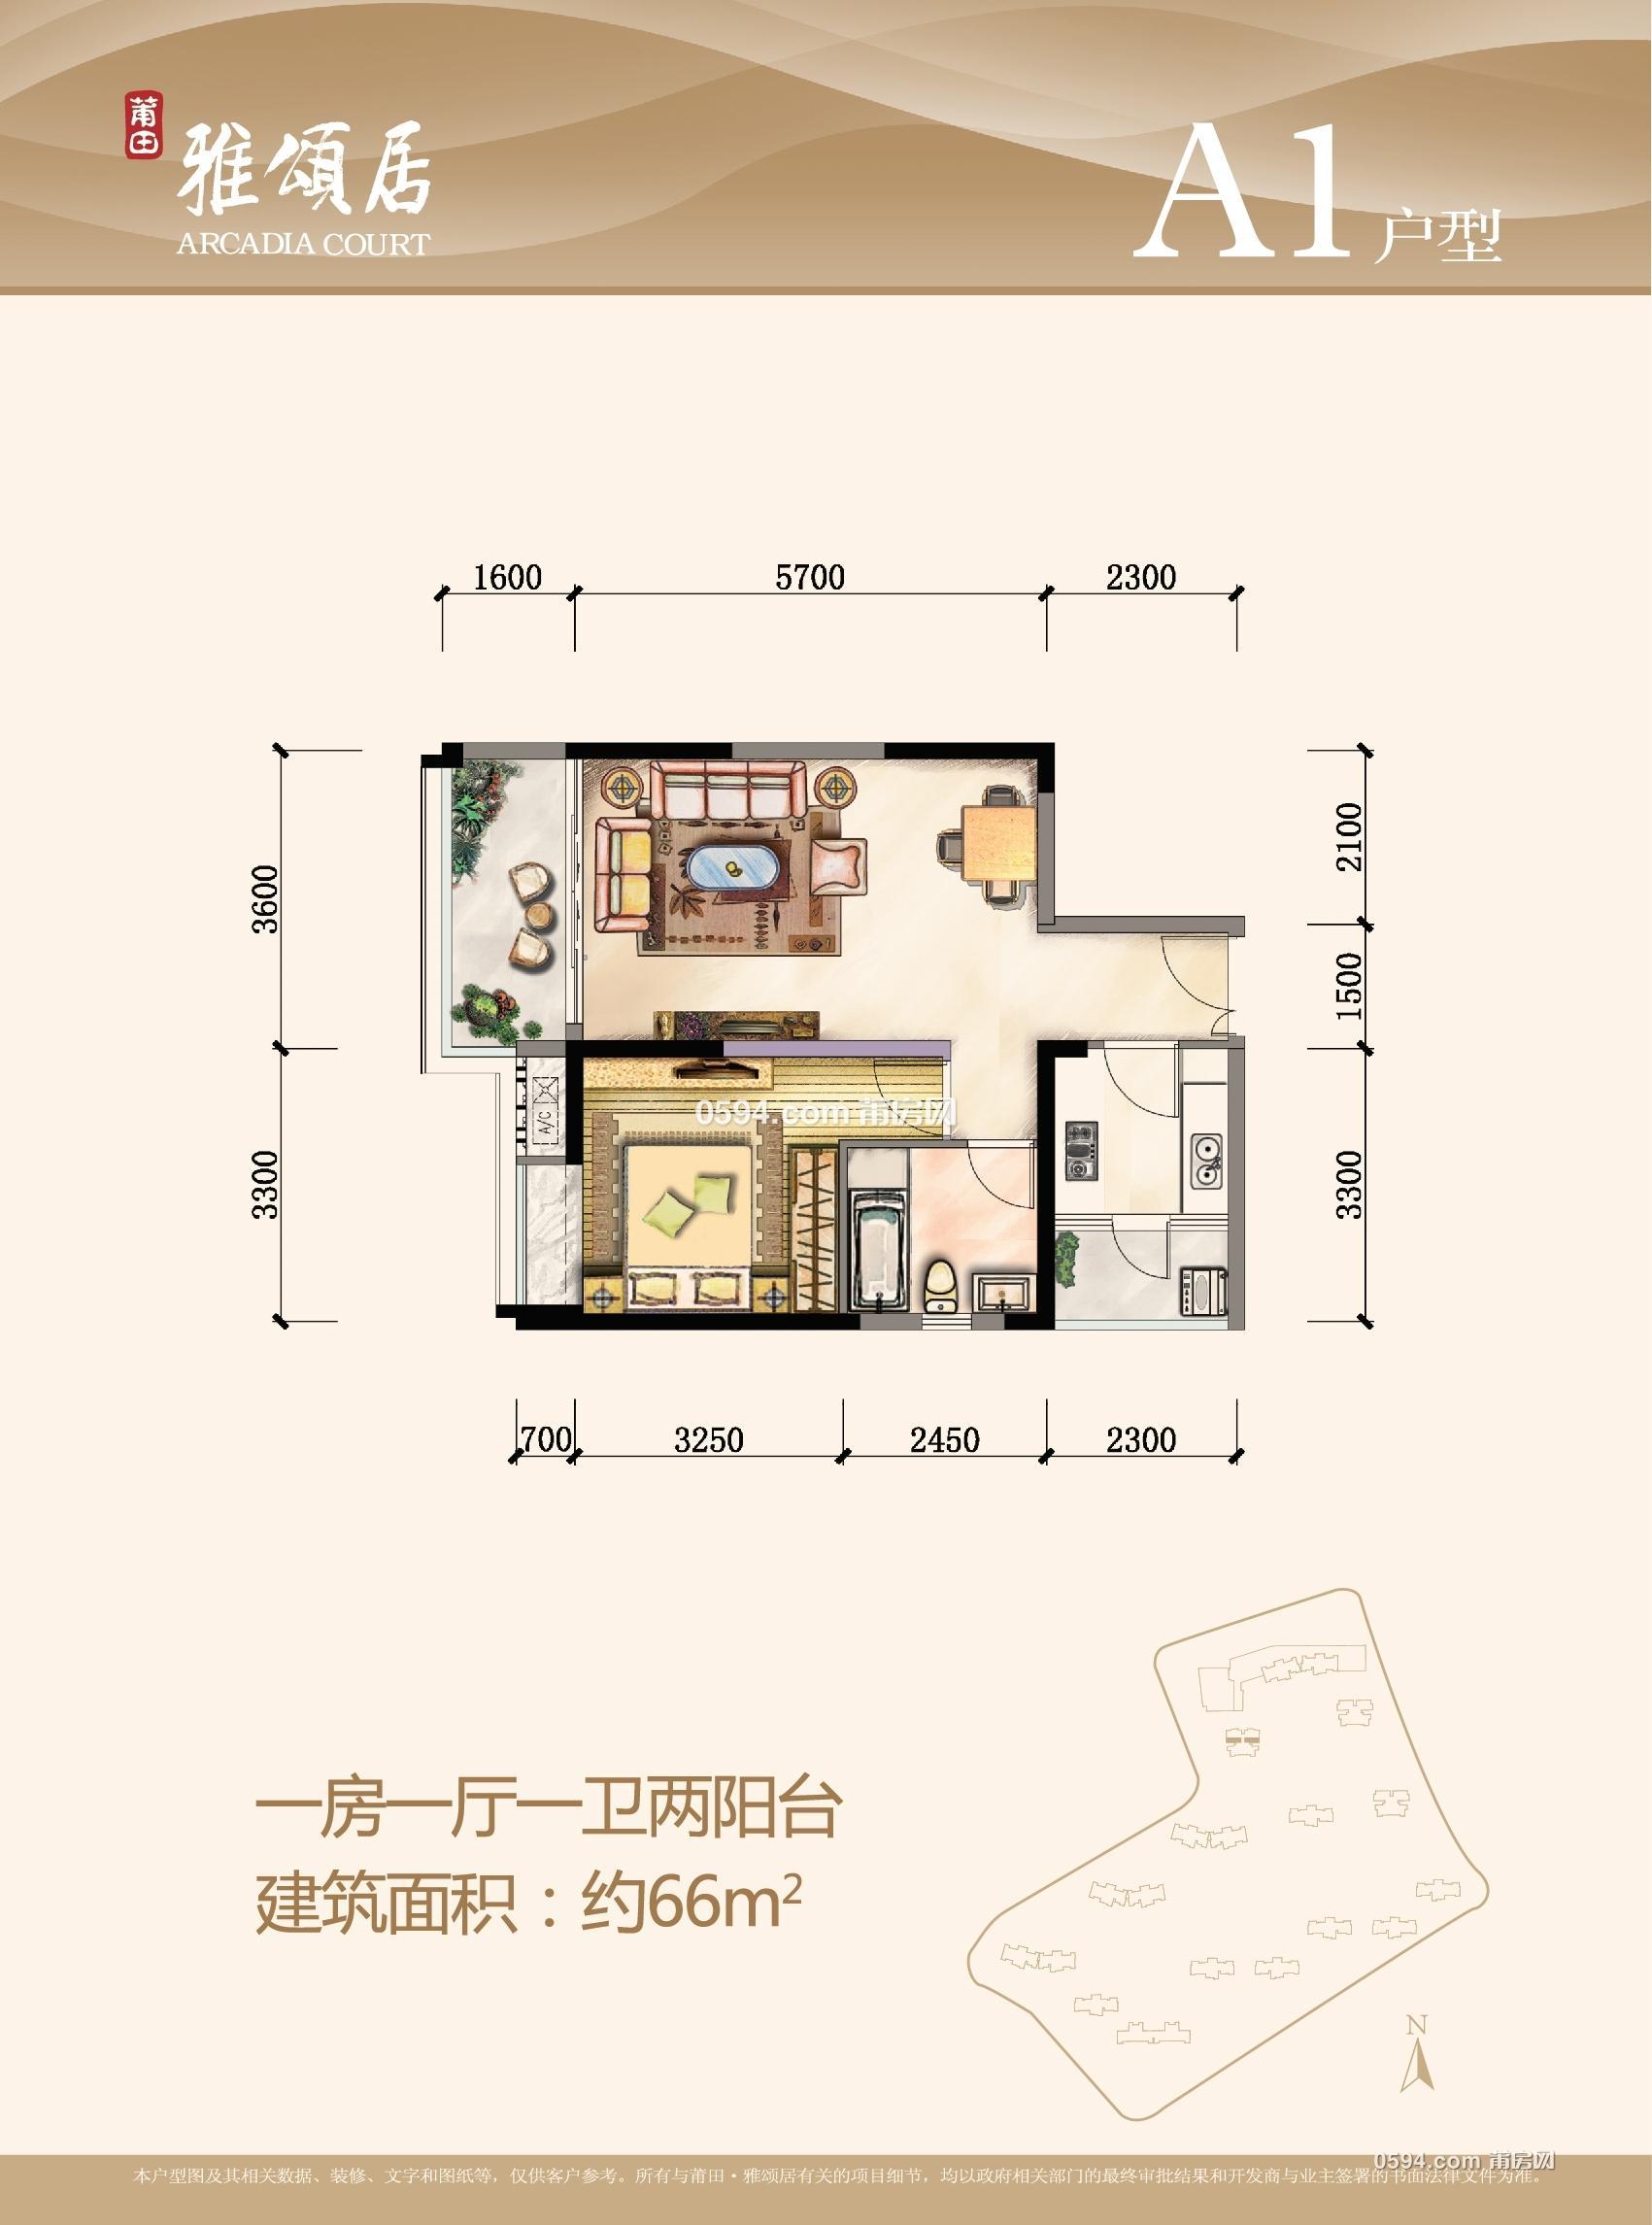 30平小公寓装修样板房-30平方小户型两房一厅-长方形单身公寓设计图